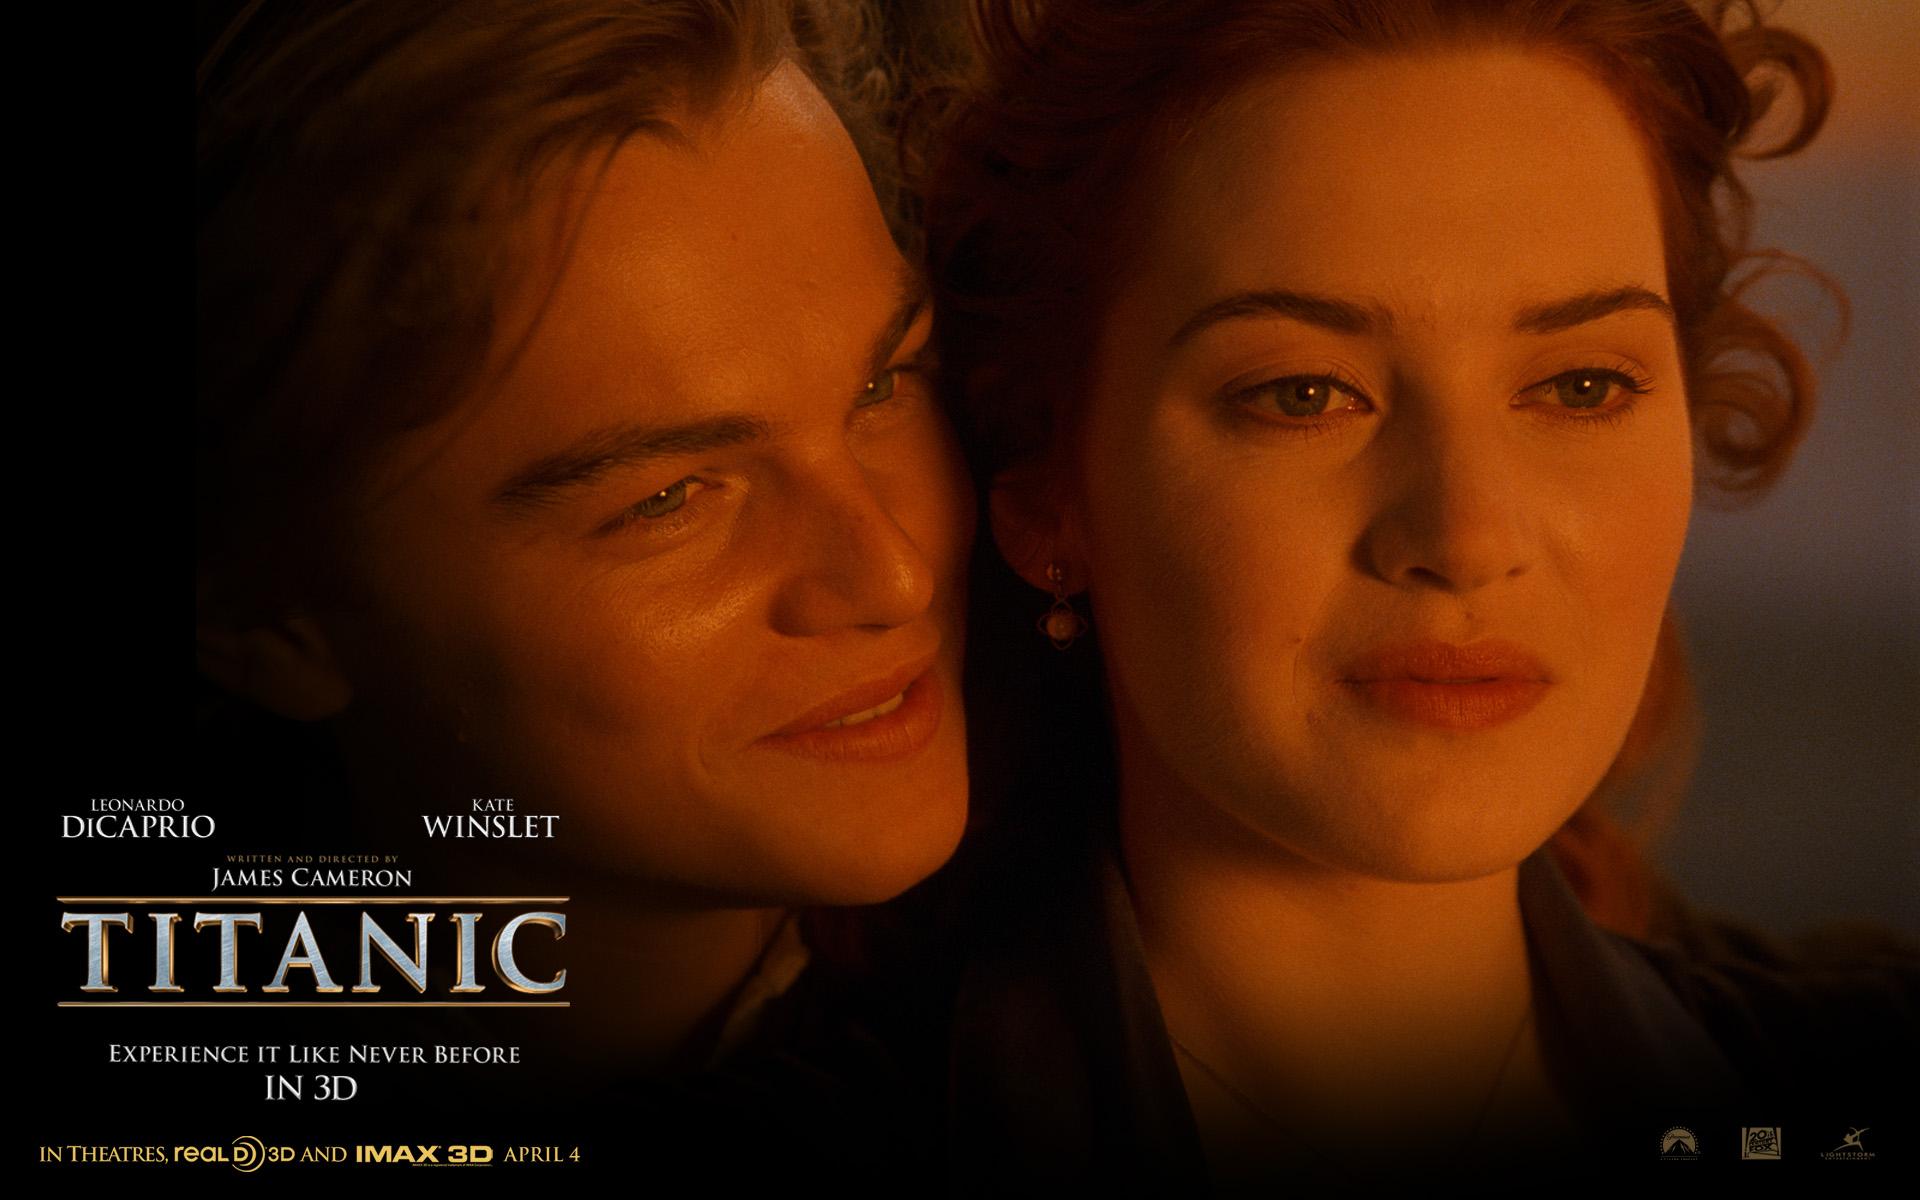 Titanic Movie